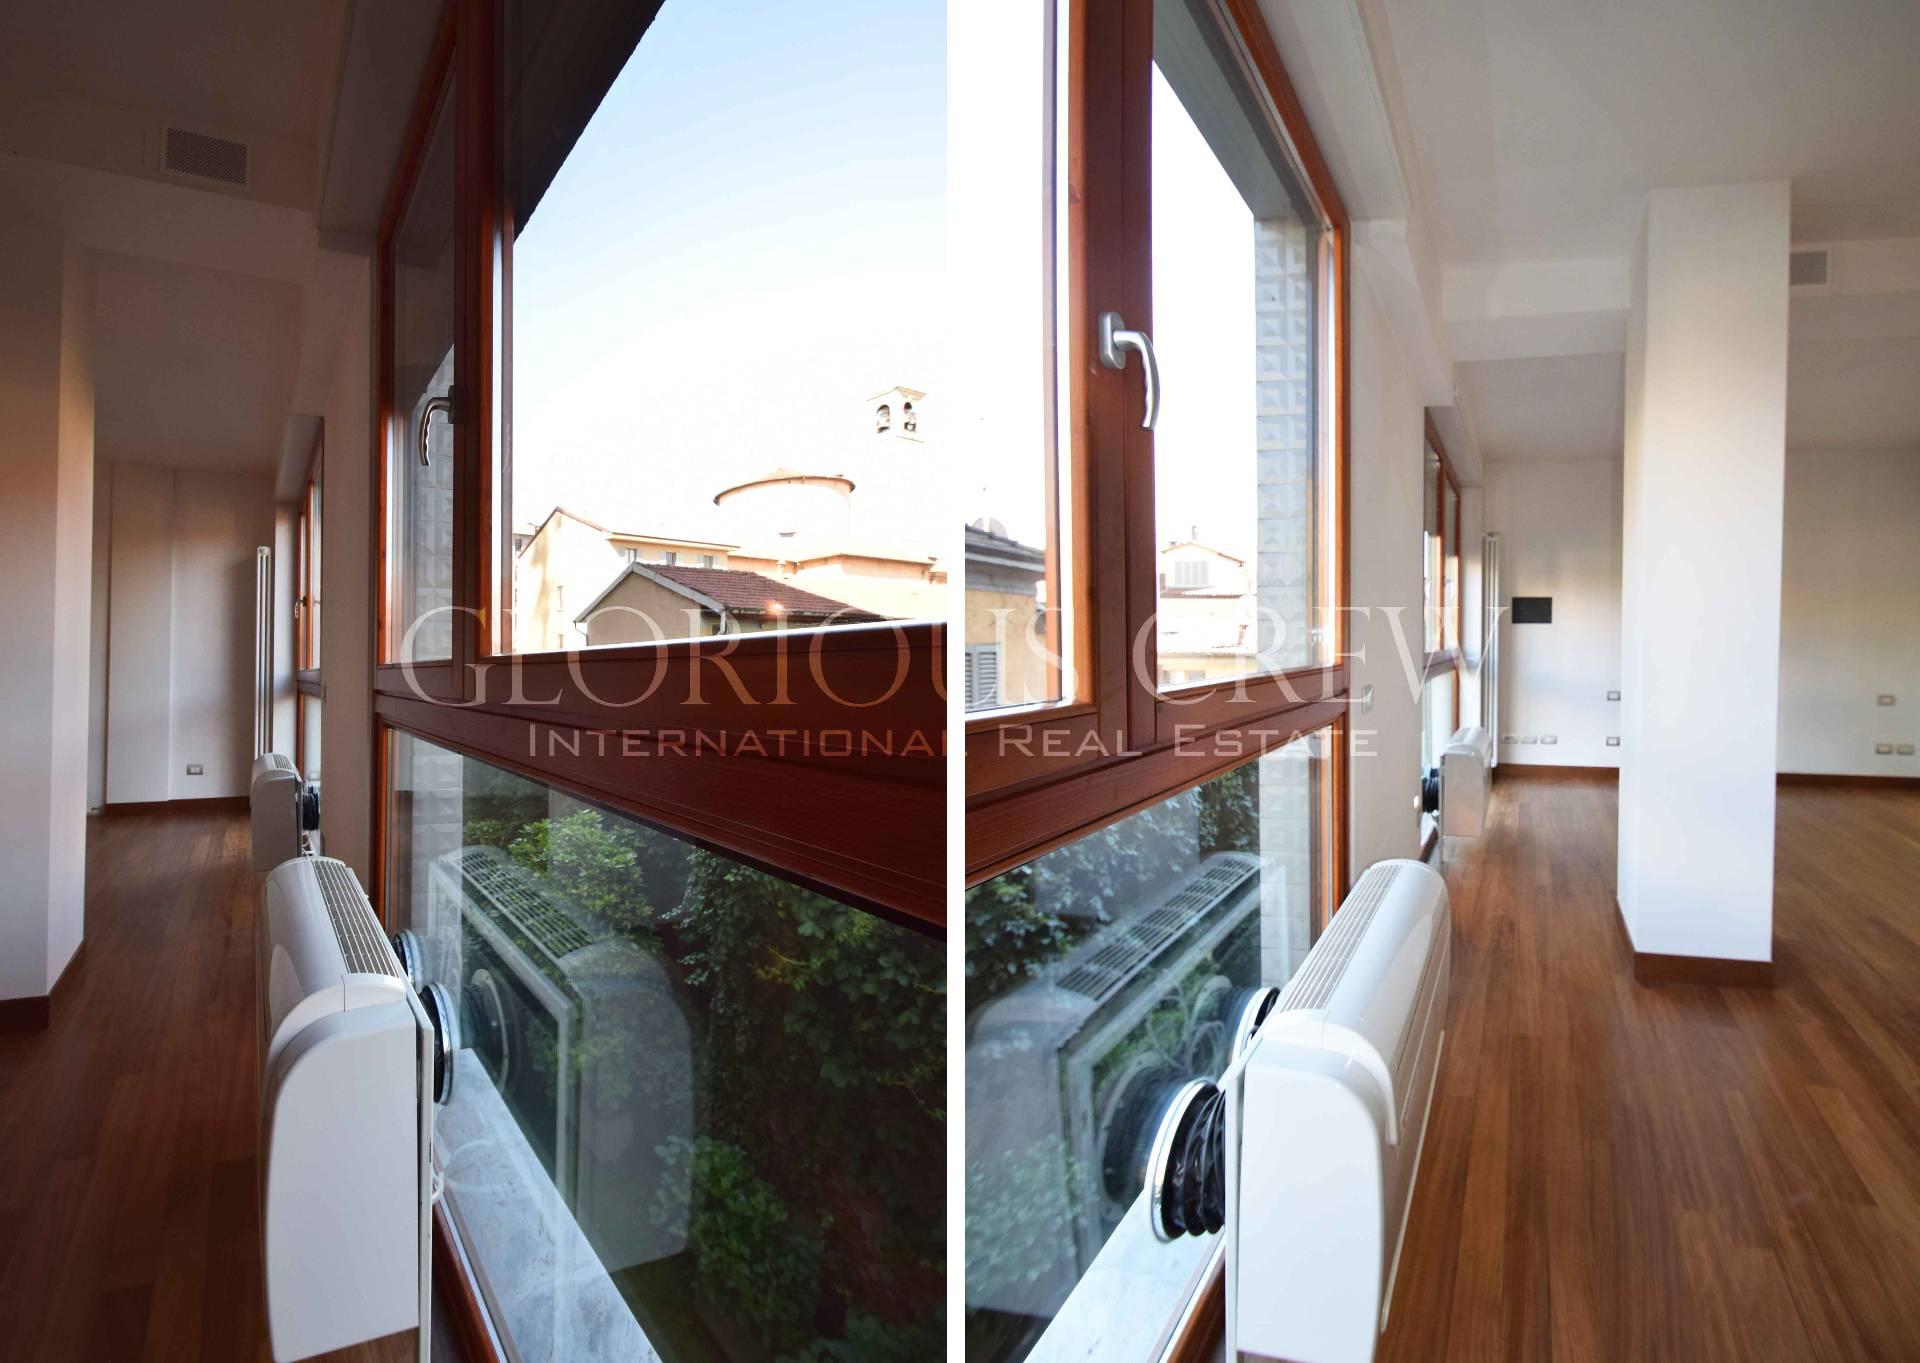 Appartamento in Vendita a Milano: 2 locali, 52 mq - Foto 5